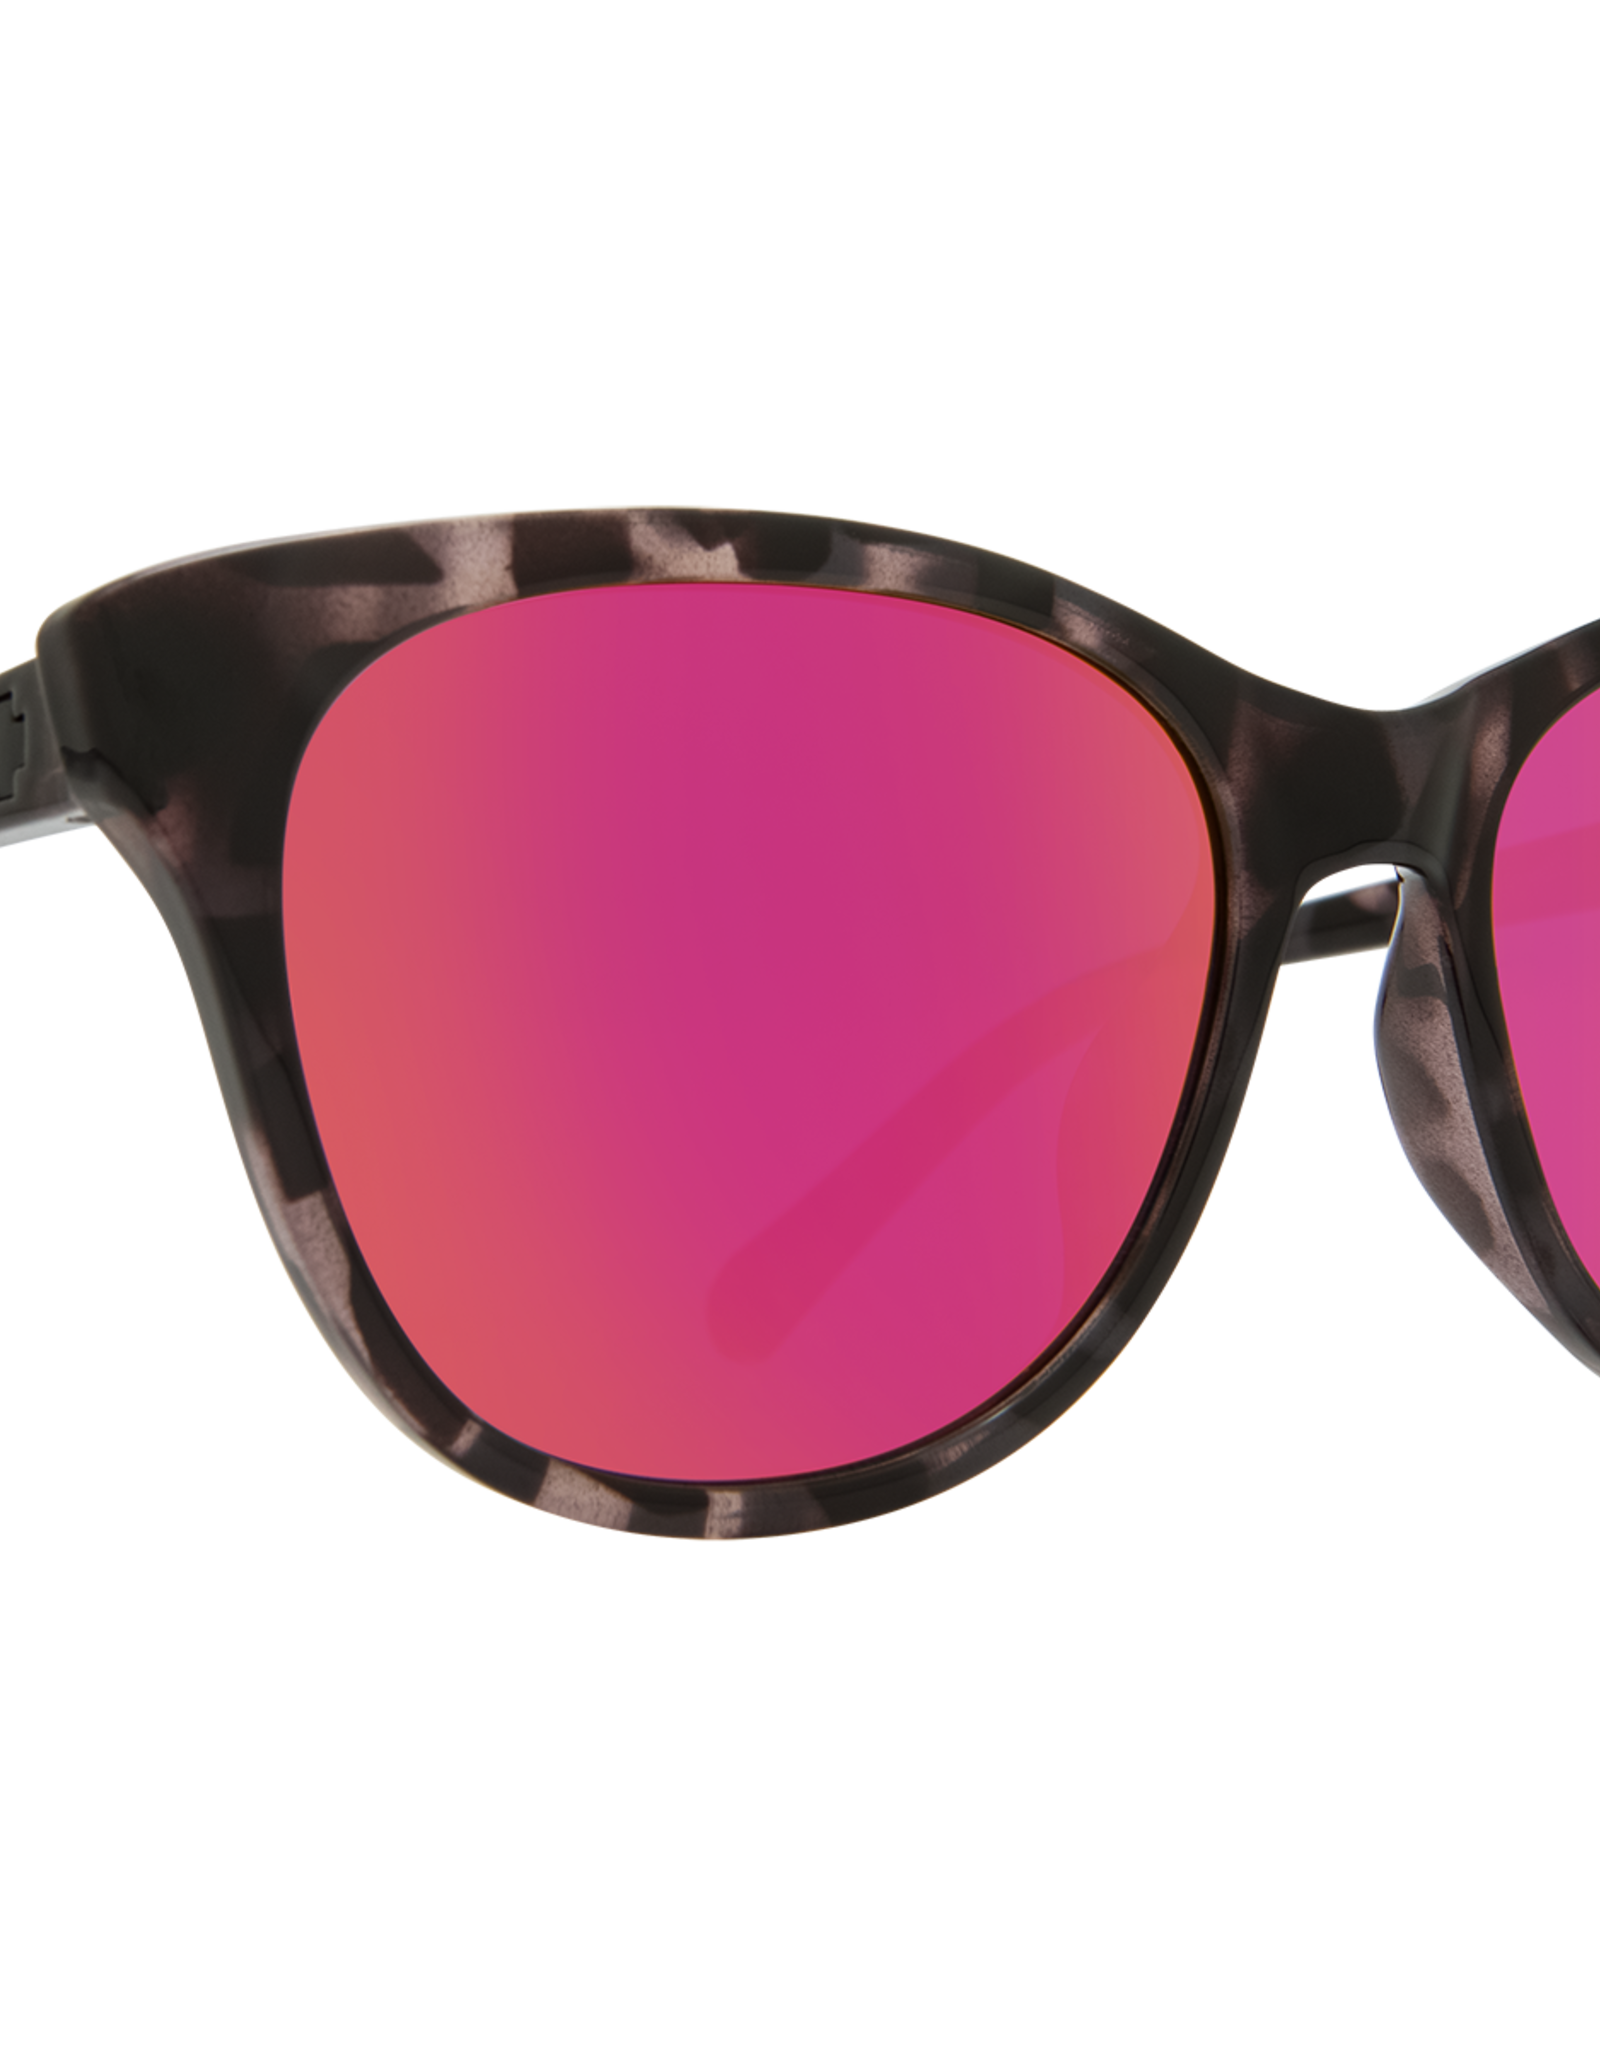 SPY SPY - SPRITZER - Black Tort w/ Pink Spectra